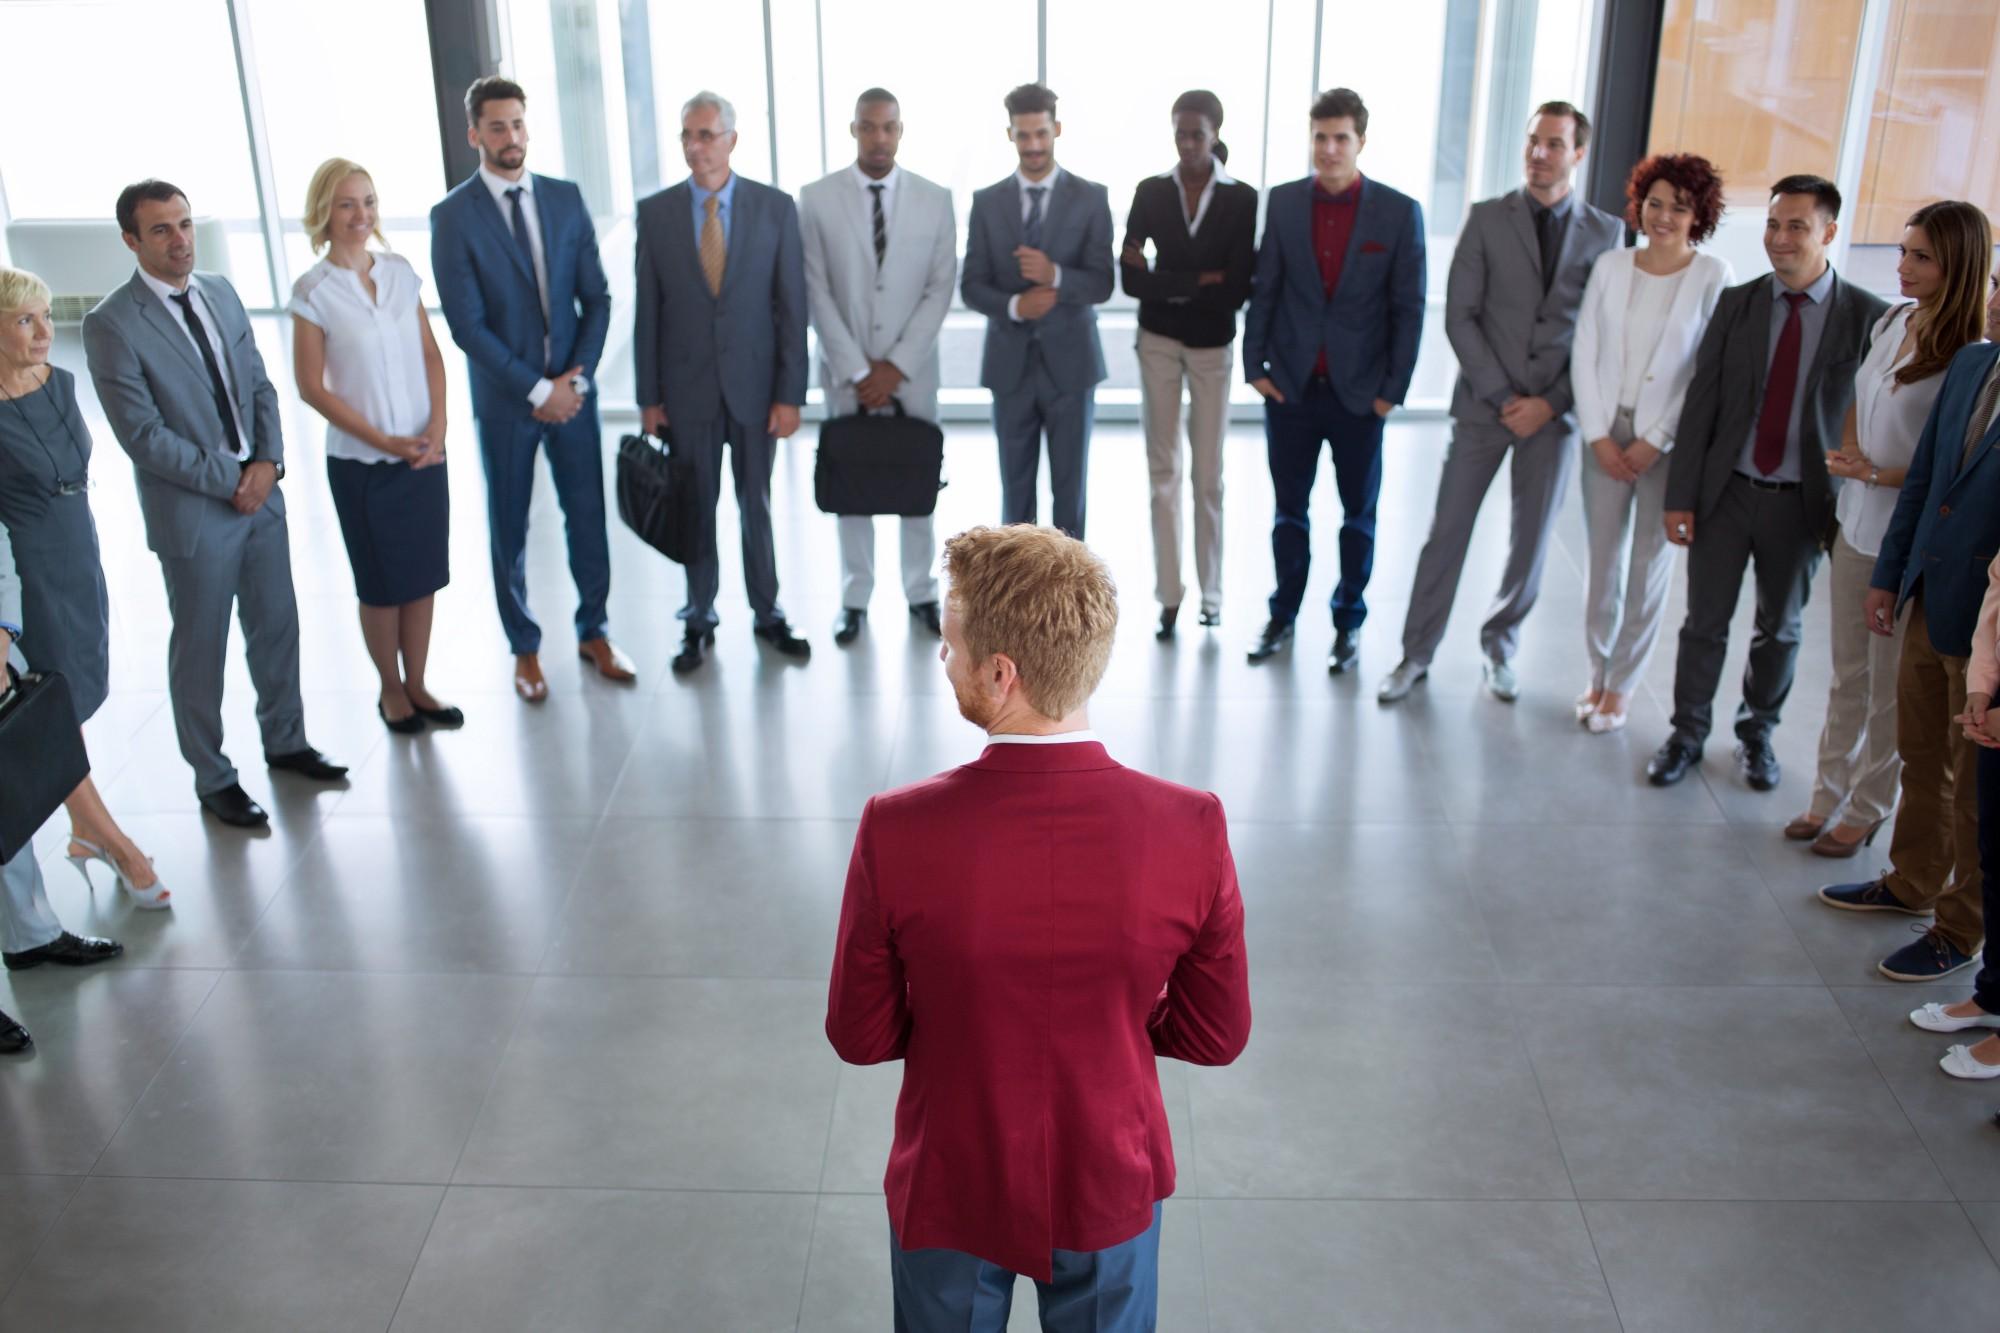 Emprendedor: 10 Tips para ser un buen líder   EmprendedoresTV